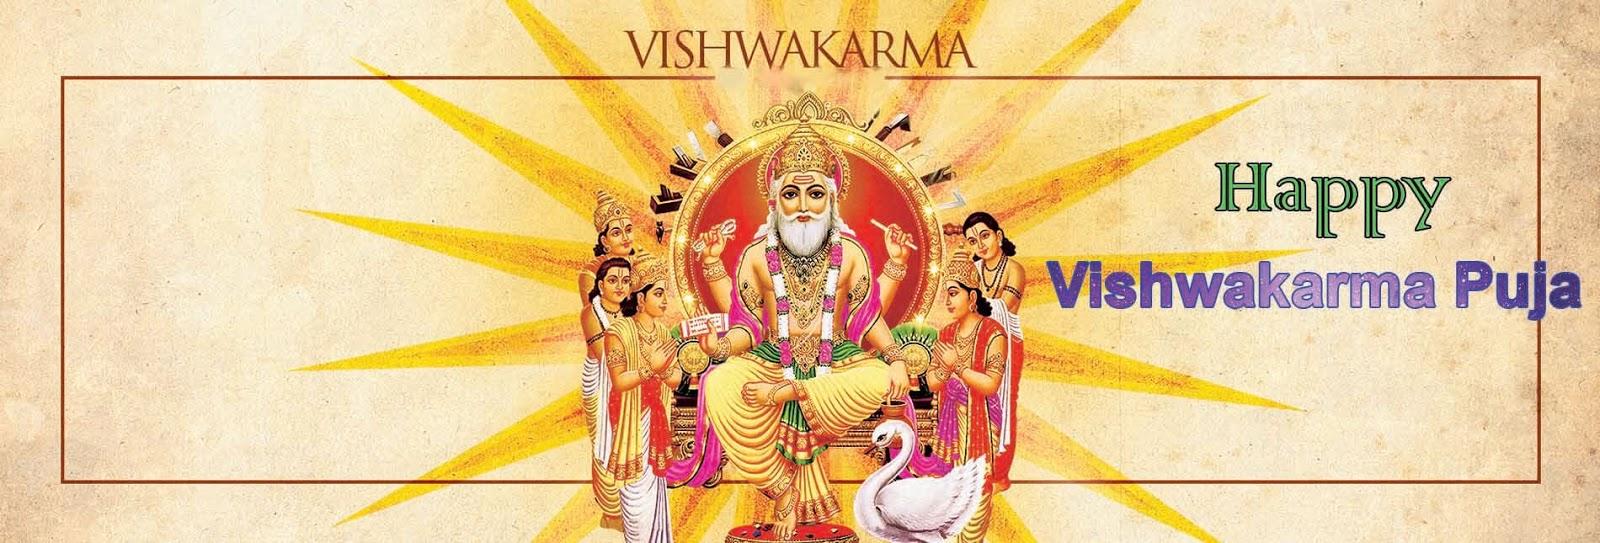 Vishwakarma Cover Images